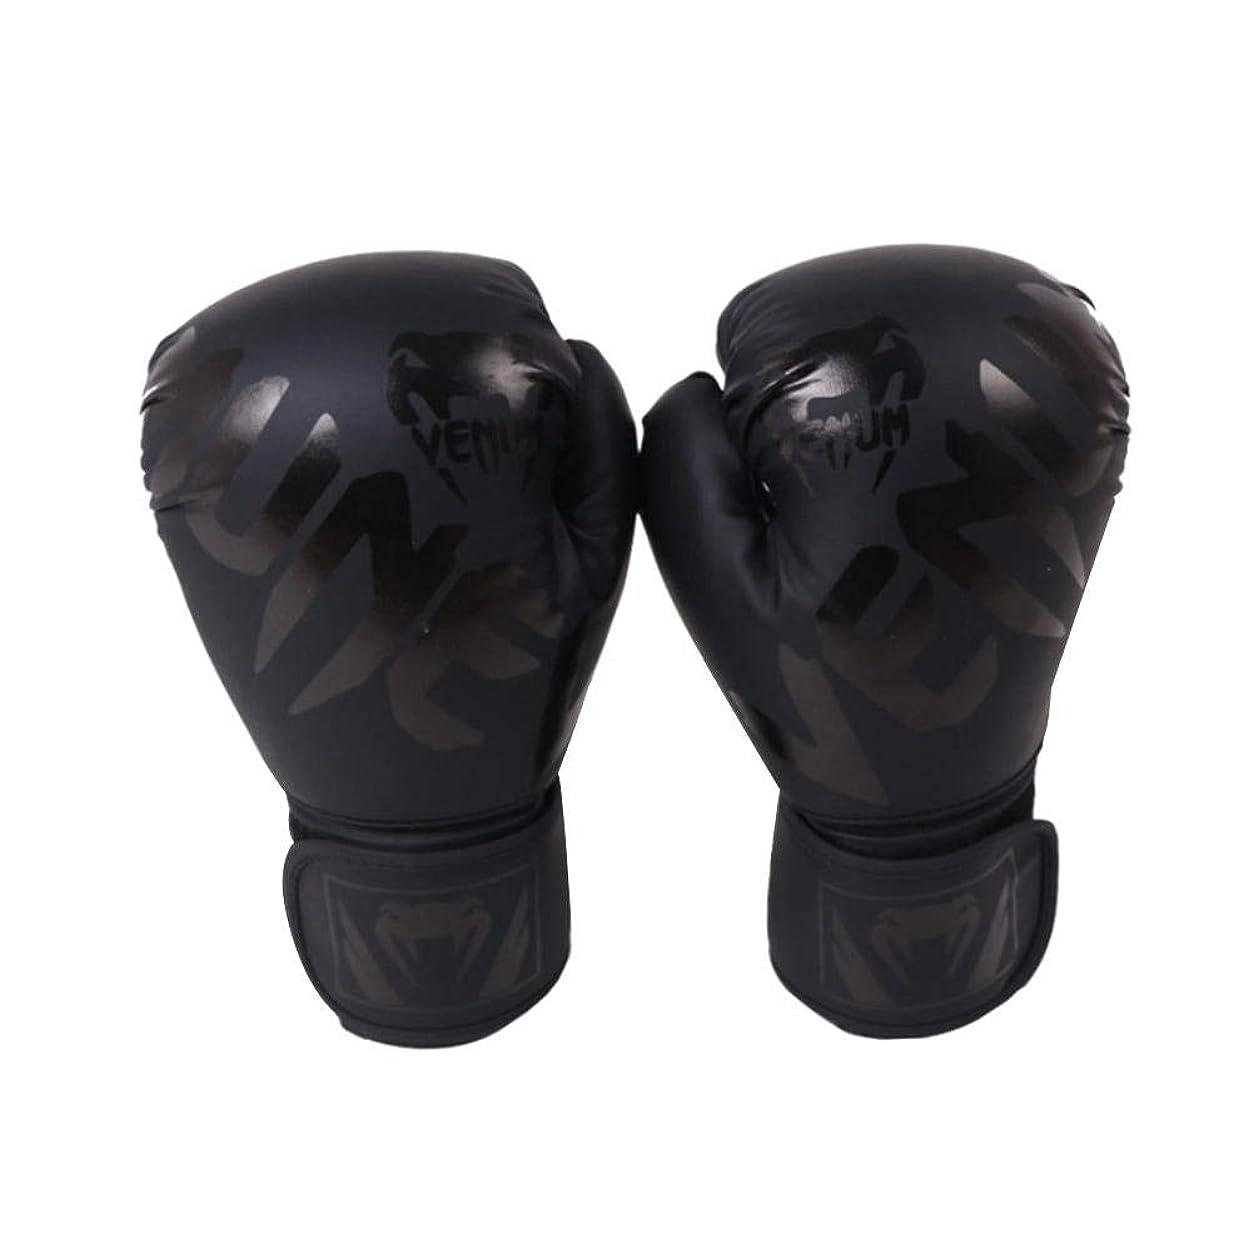 キリスト力反発するLUERMEグローブ 総合格闘技 MMA キックボクシング用 オープンフィンガー